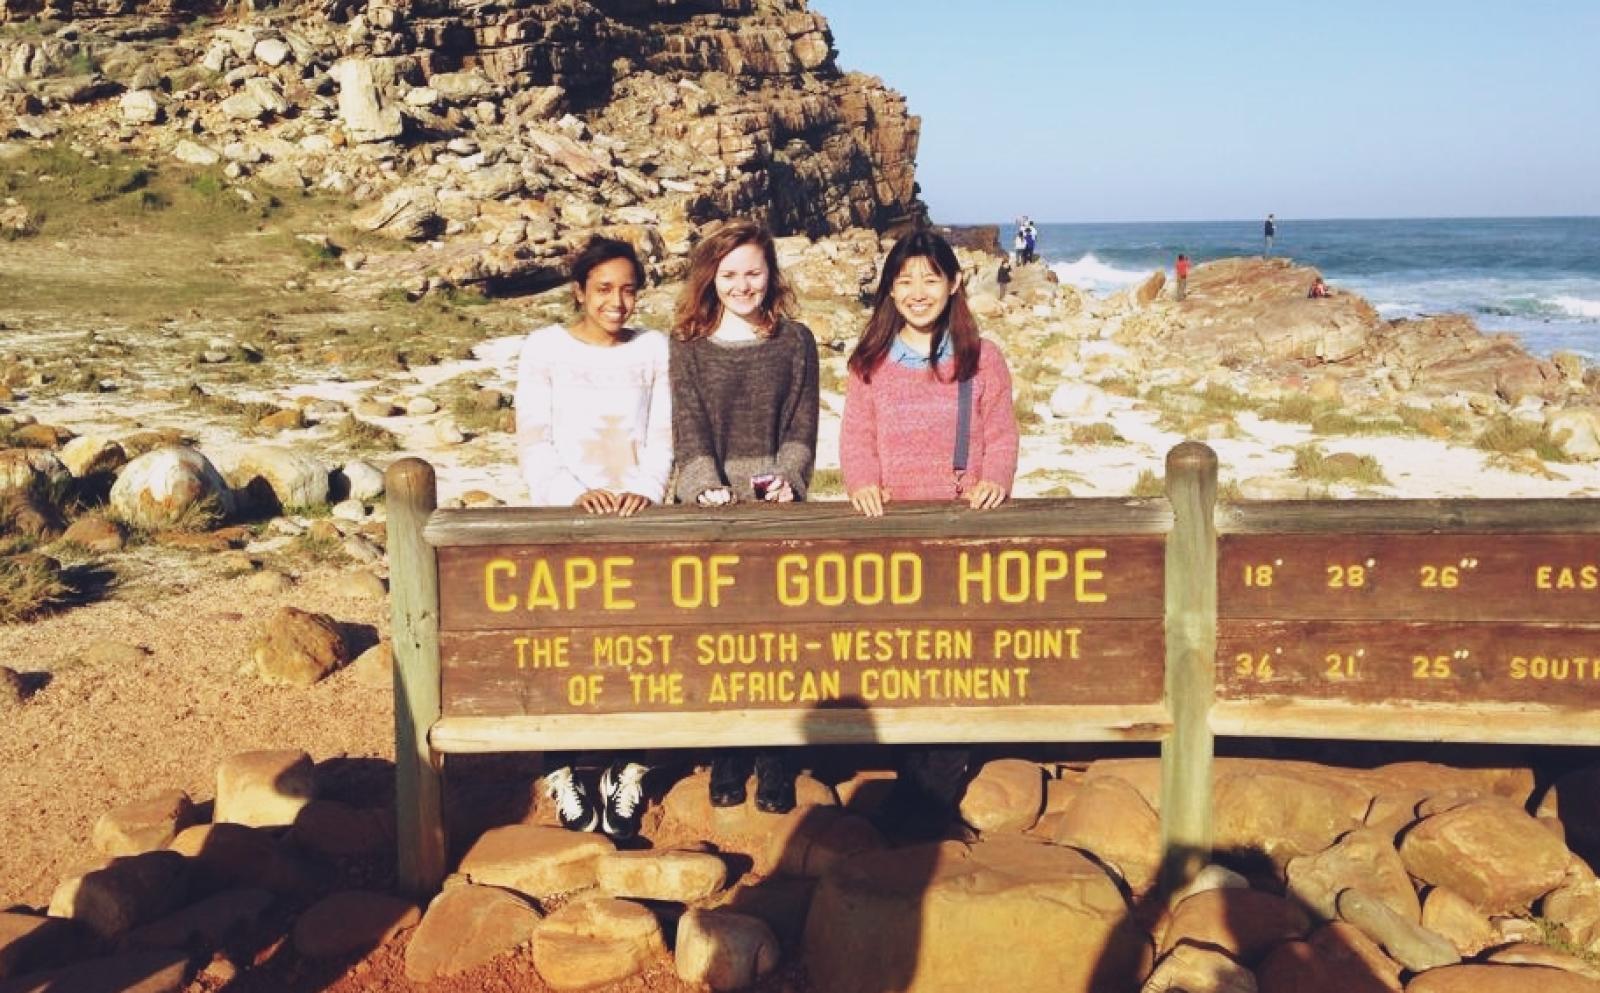 南アフリカ共和国でジャーナリズムインターン中の伴和砂さんが喜望峰を訪問